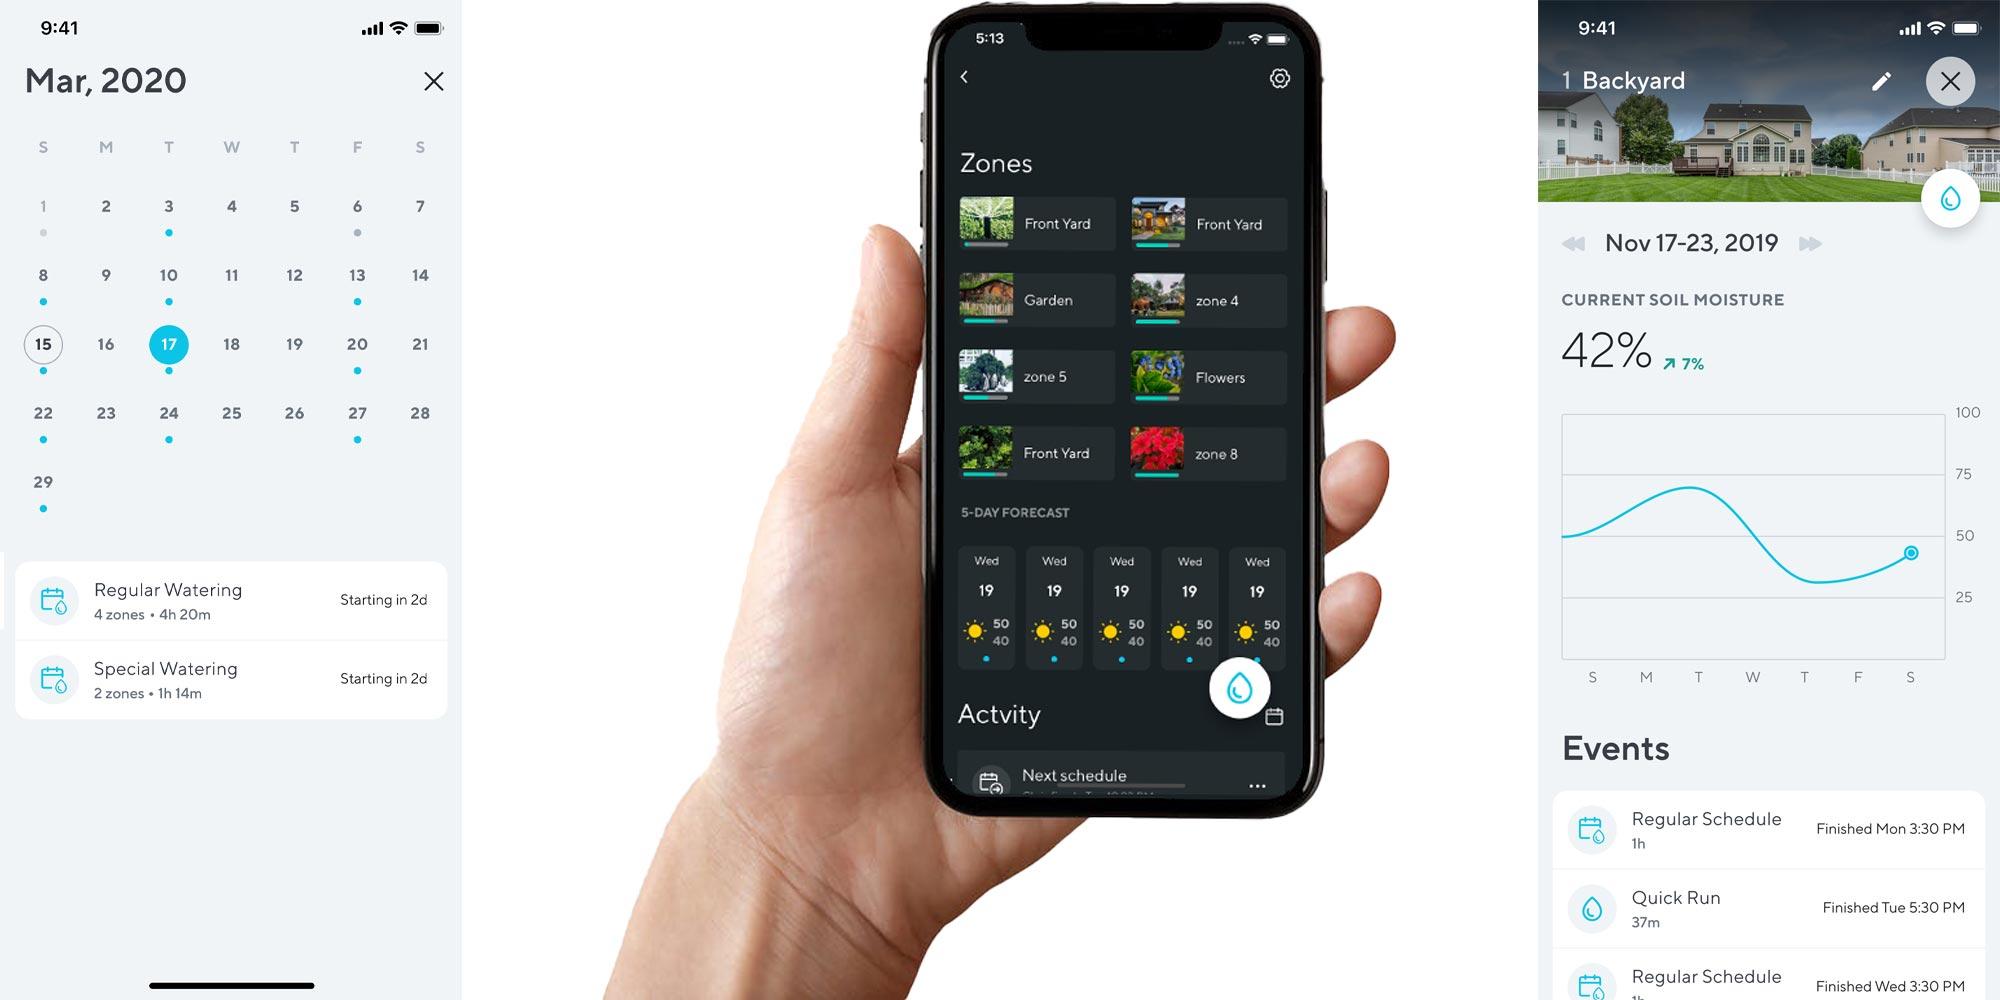 wyze sprinkler controller app